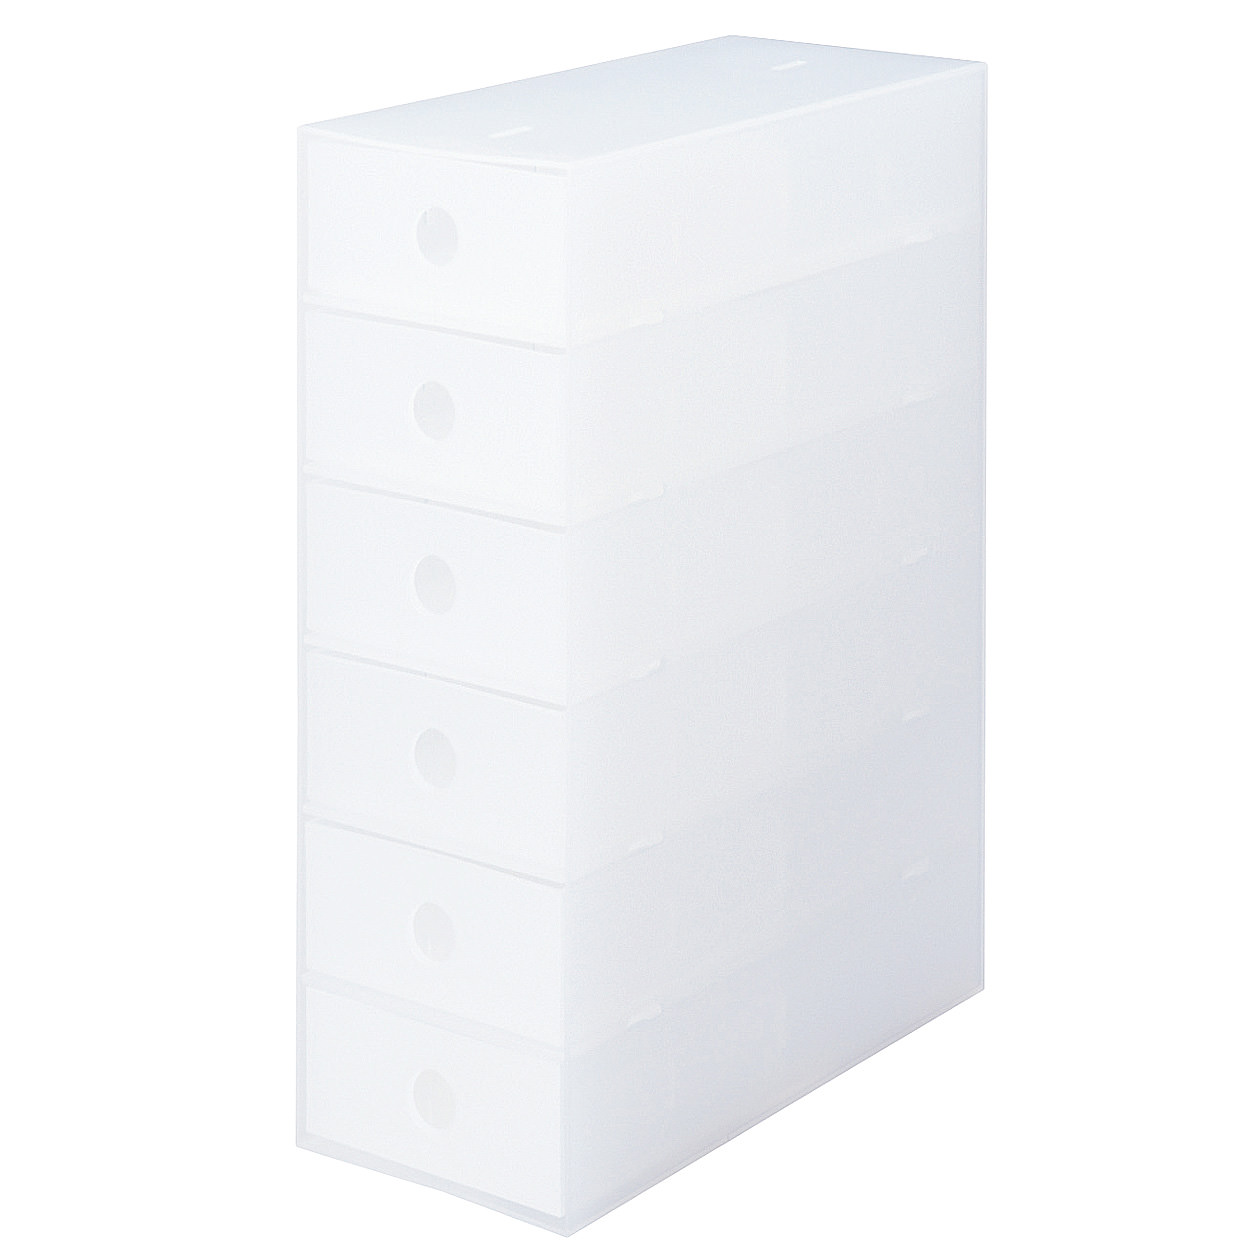 ポリプロピレン小物収納ボックス6段・A4タテ